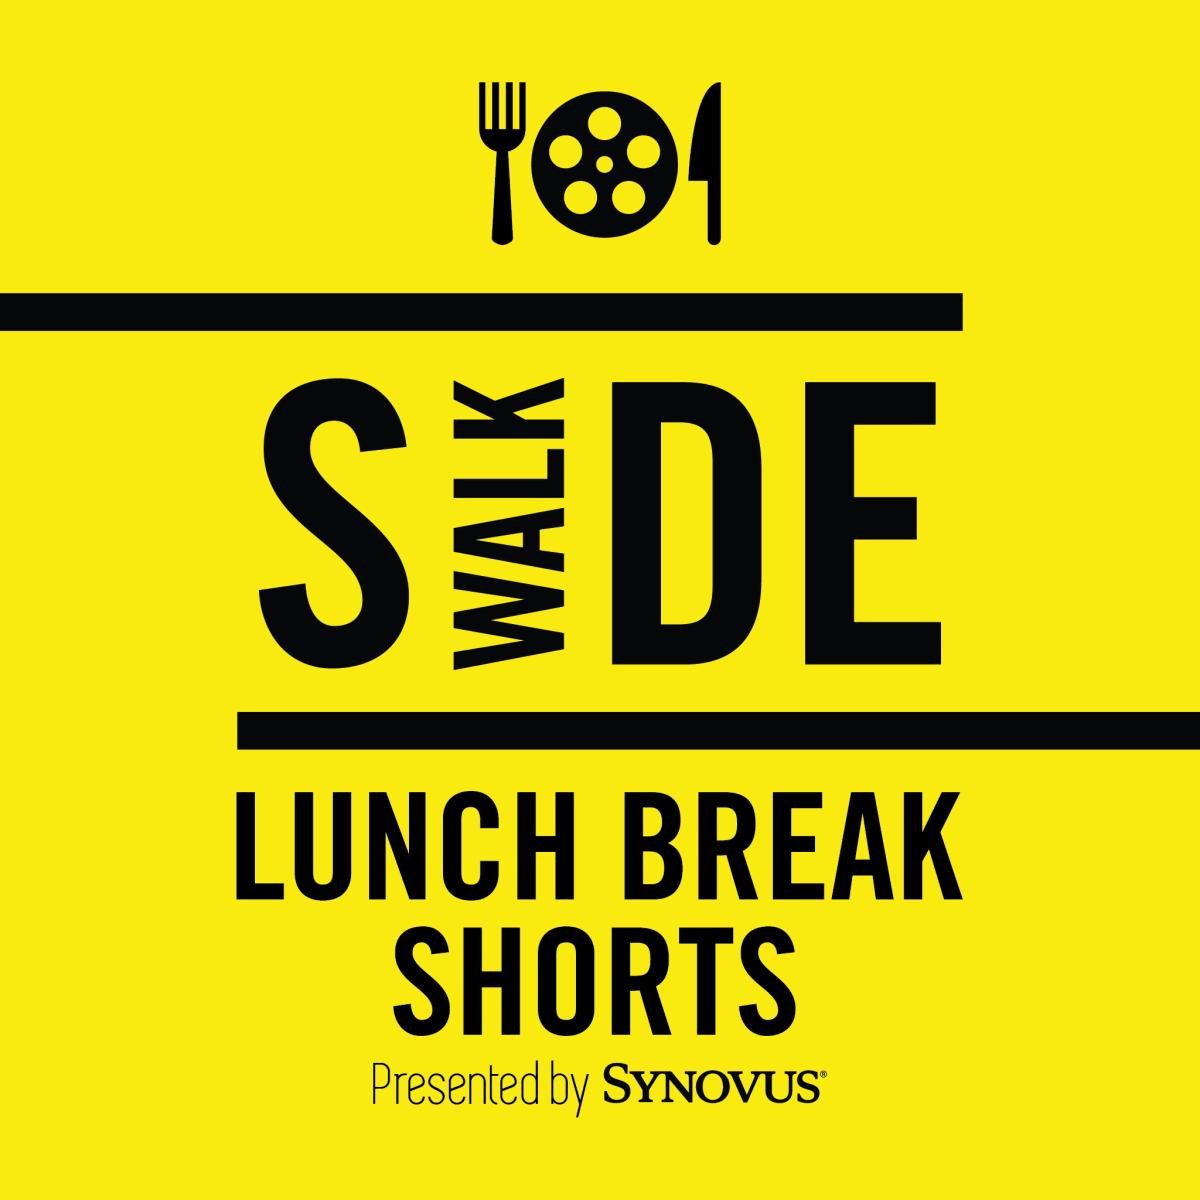 Lunch Break Shorts (FREE)